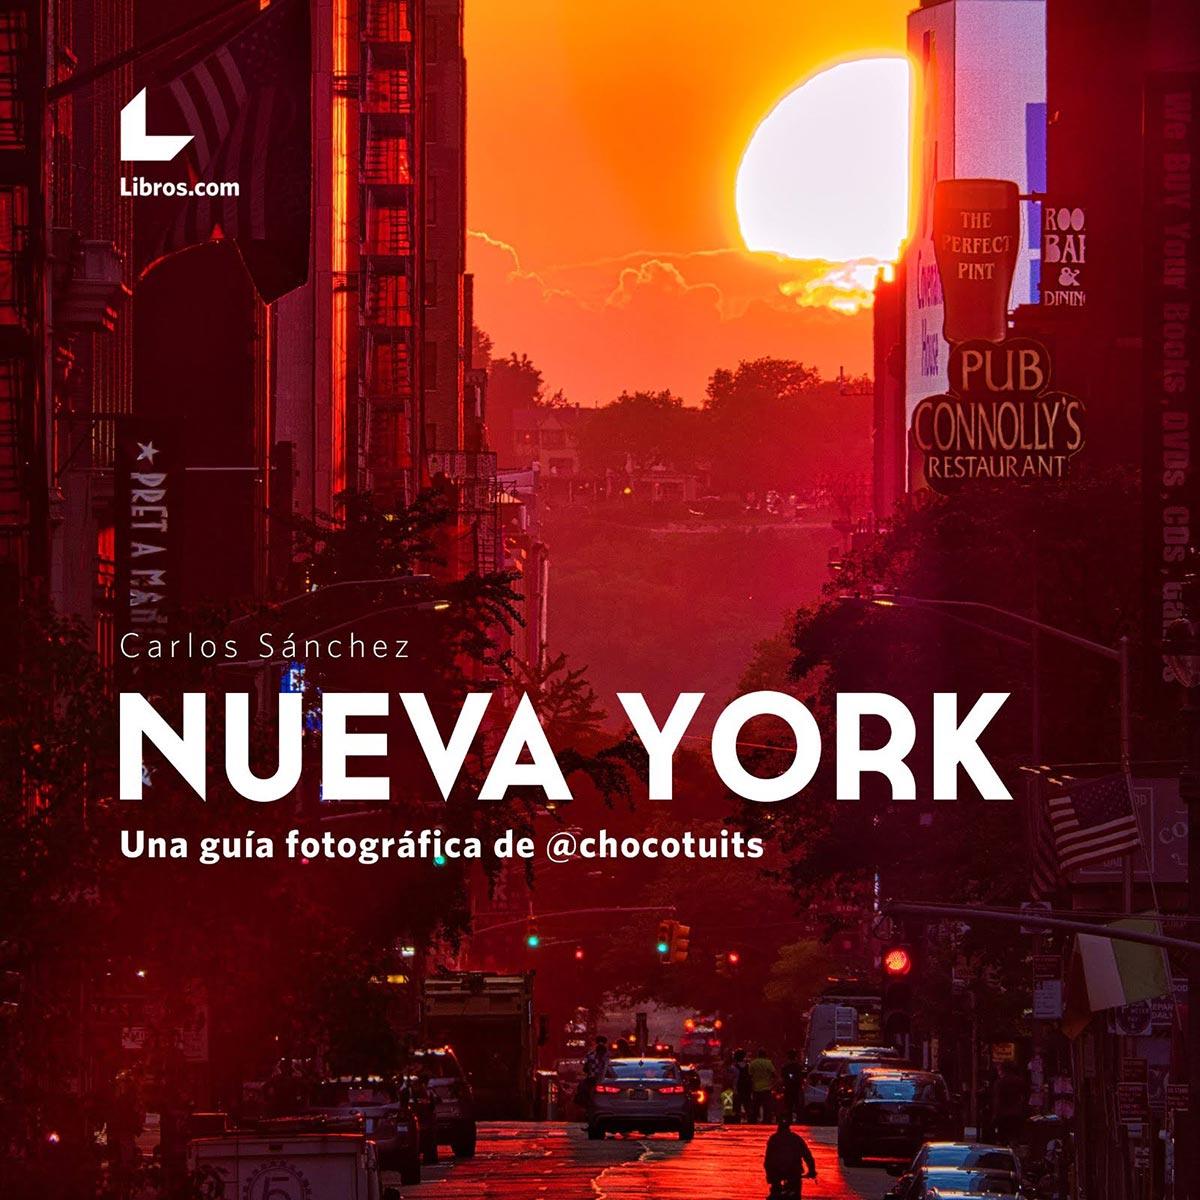 Guia-NYC-Carlos-Sanchez-09